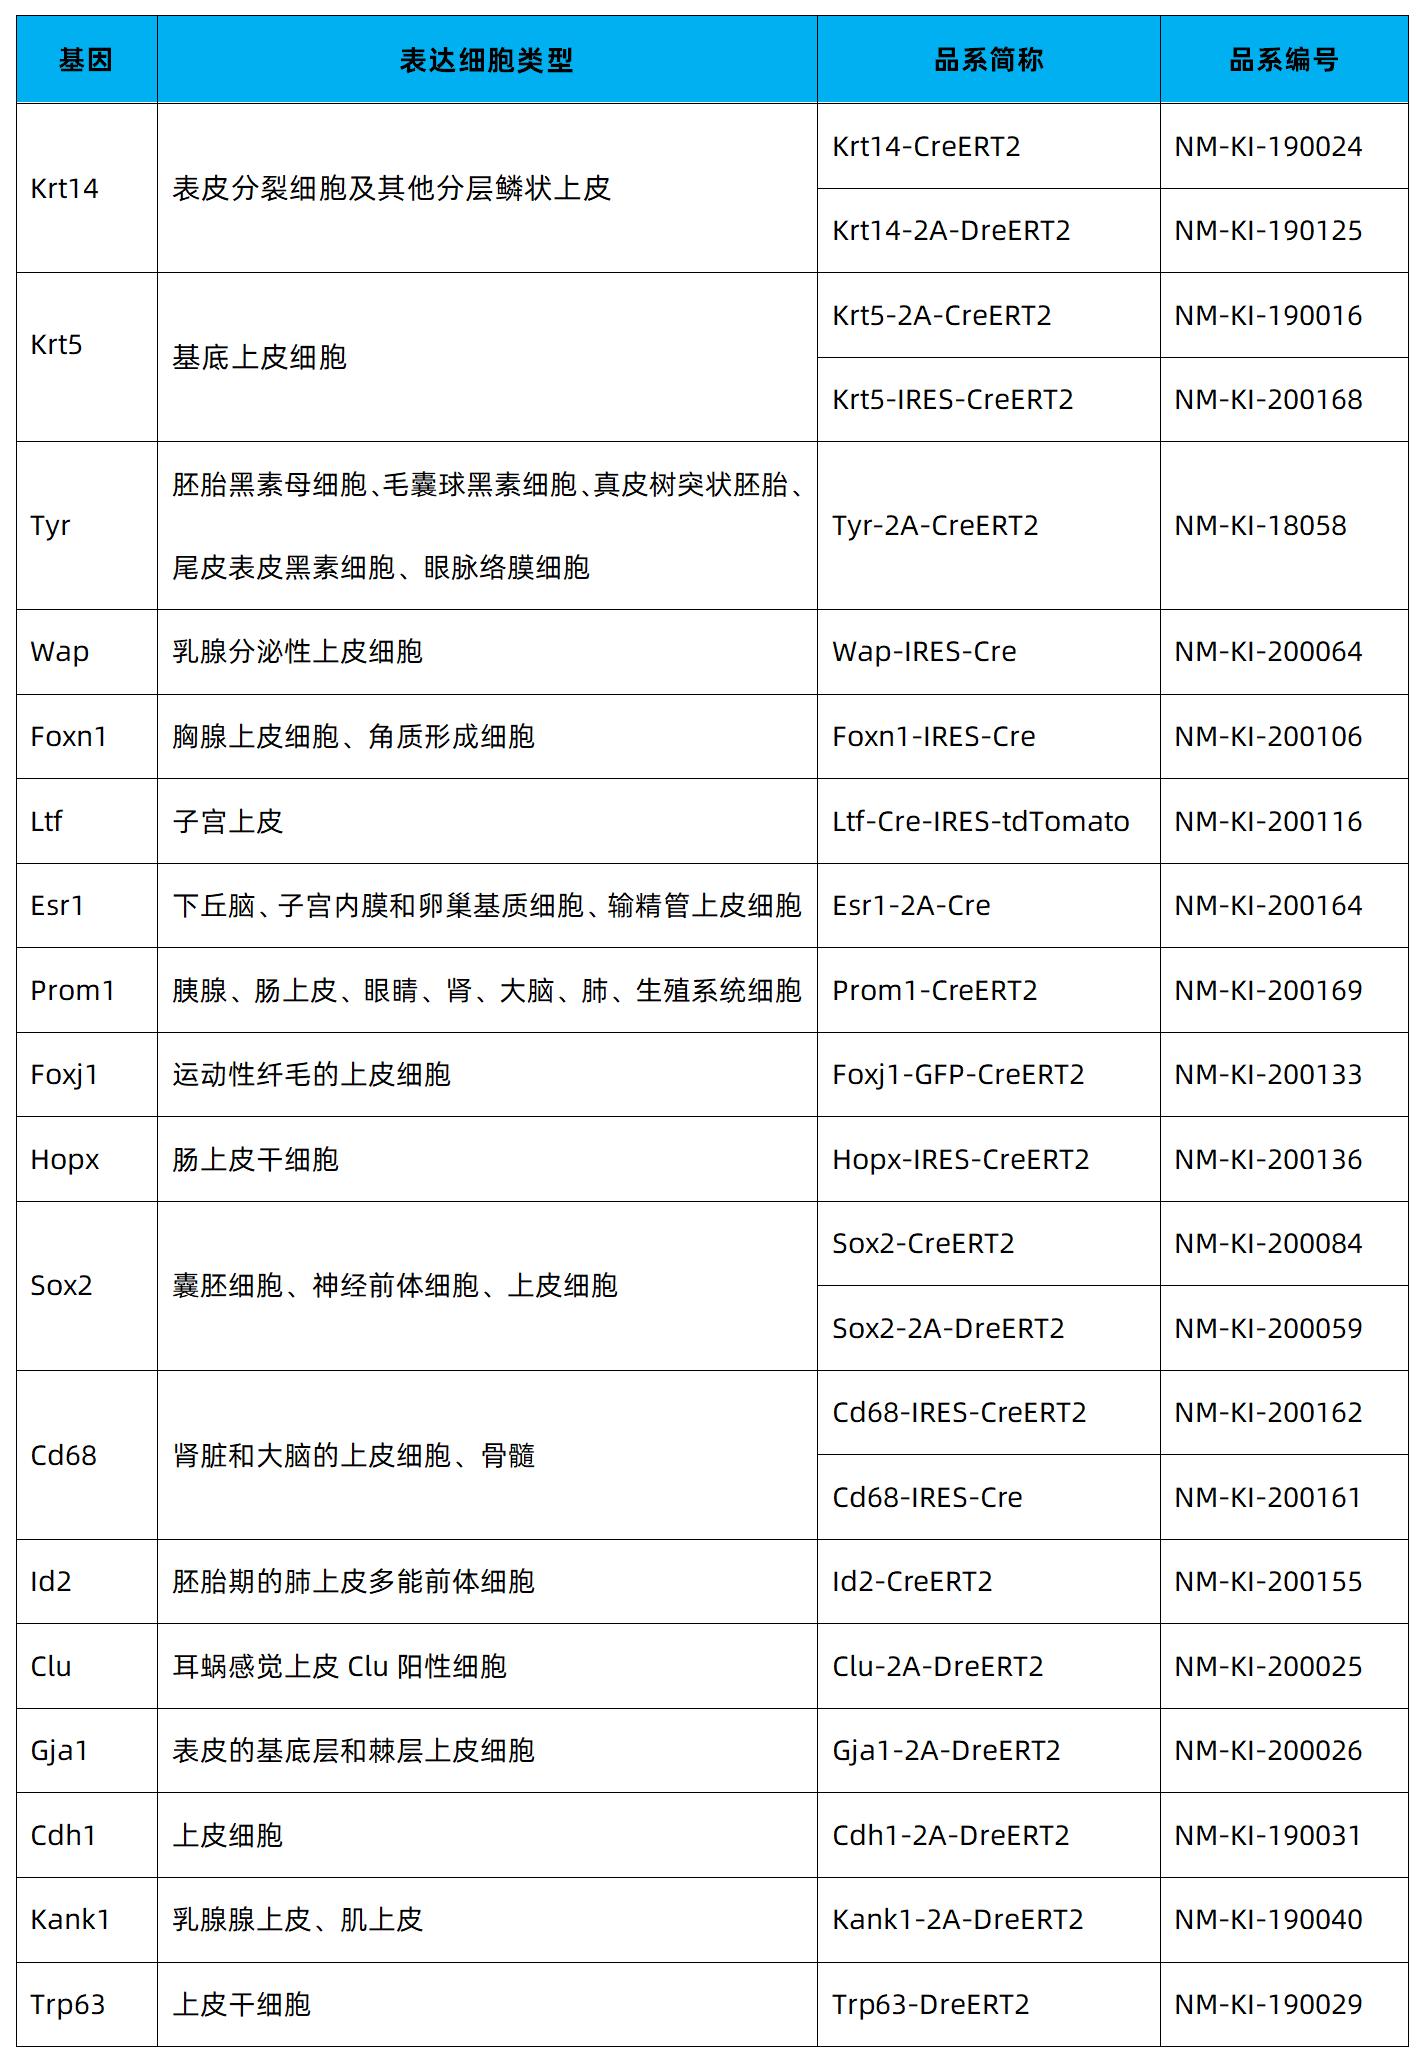 上皮细胞-9.png